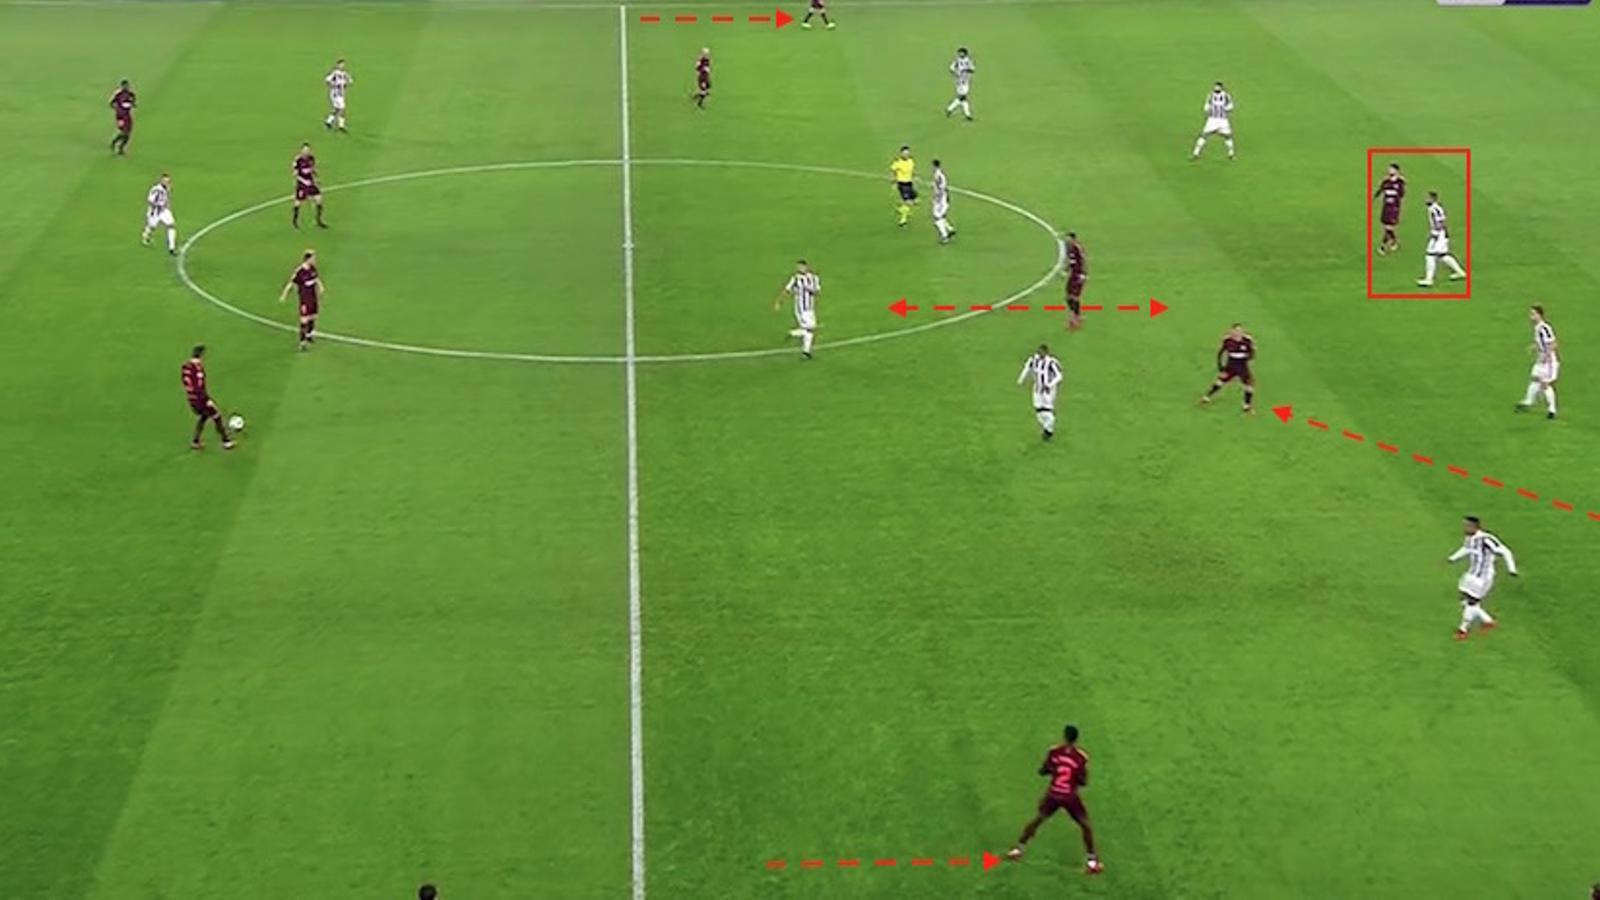 Posicionament del Barça al primer temps